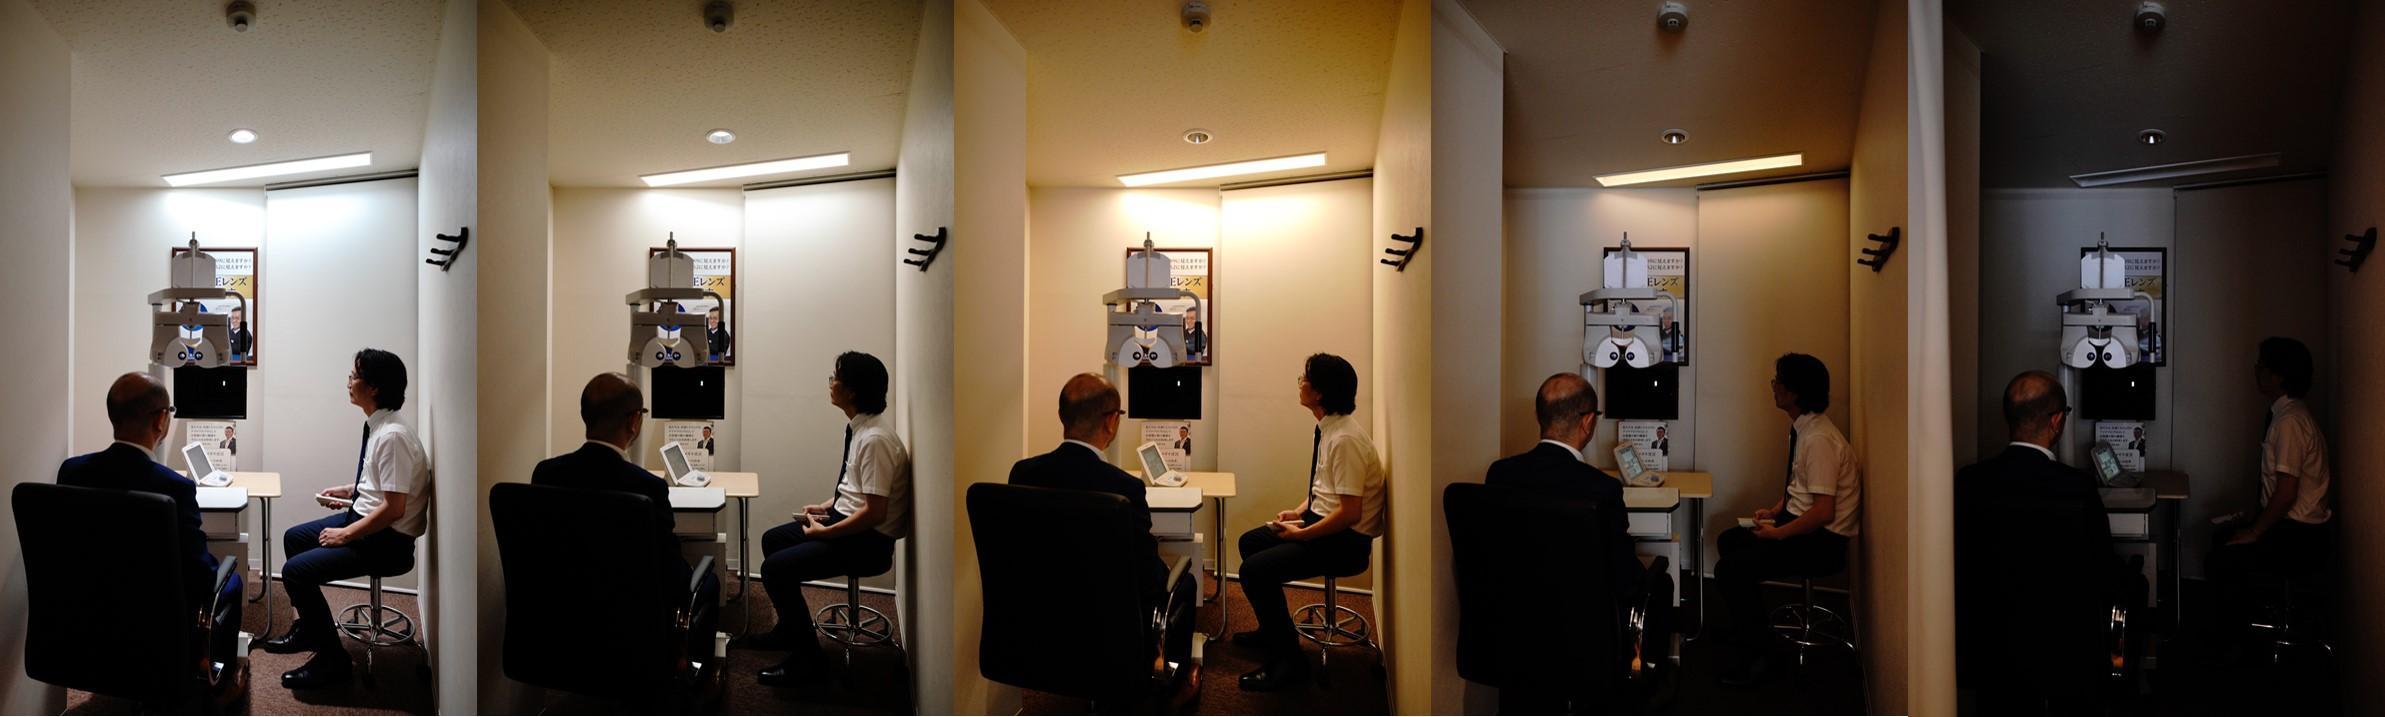 「視力検査照明システム」の5つの光のシーン設定